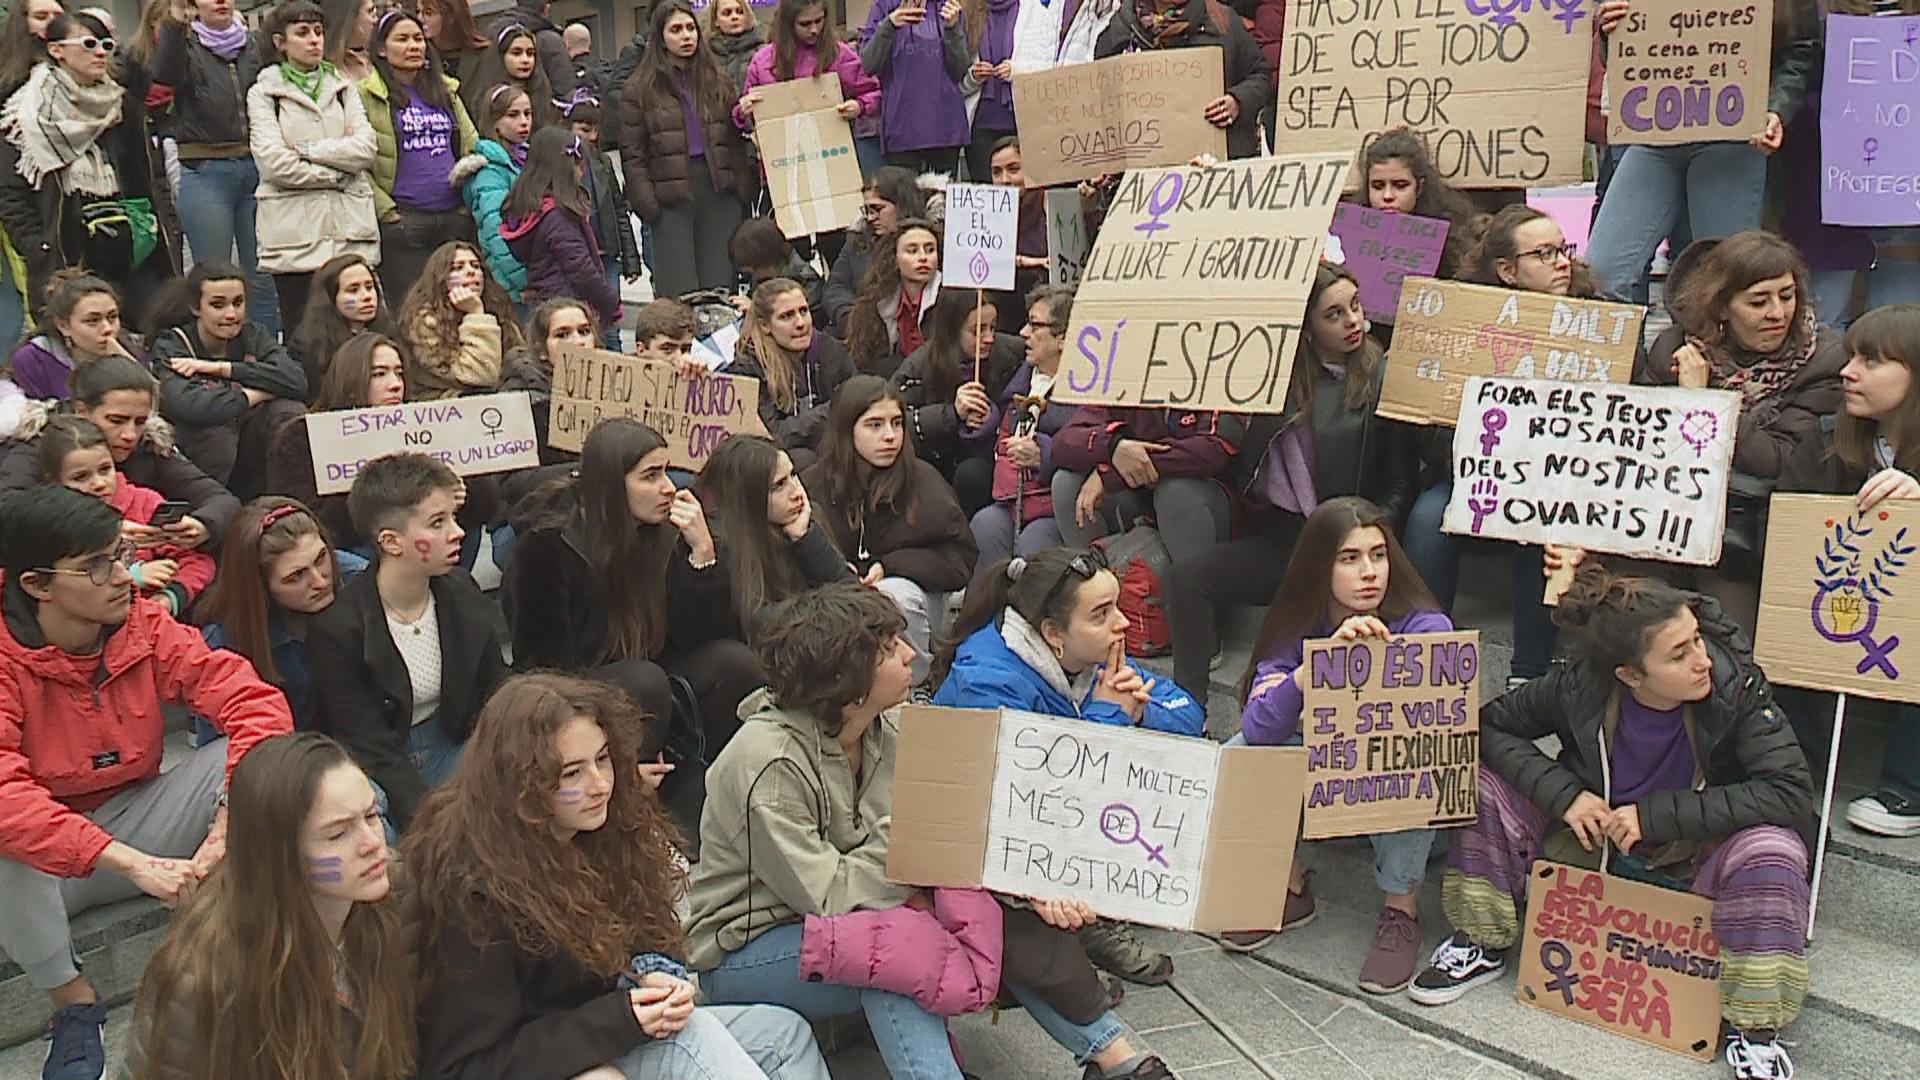 300 persones participen en la manifestació del 8M per reclamar la igualtat de drets de les dones